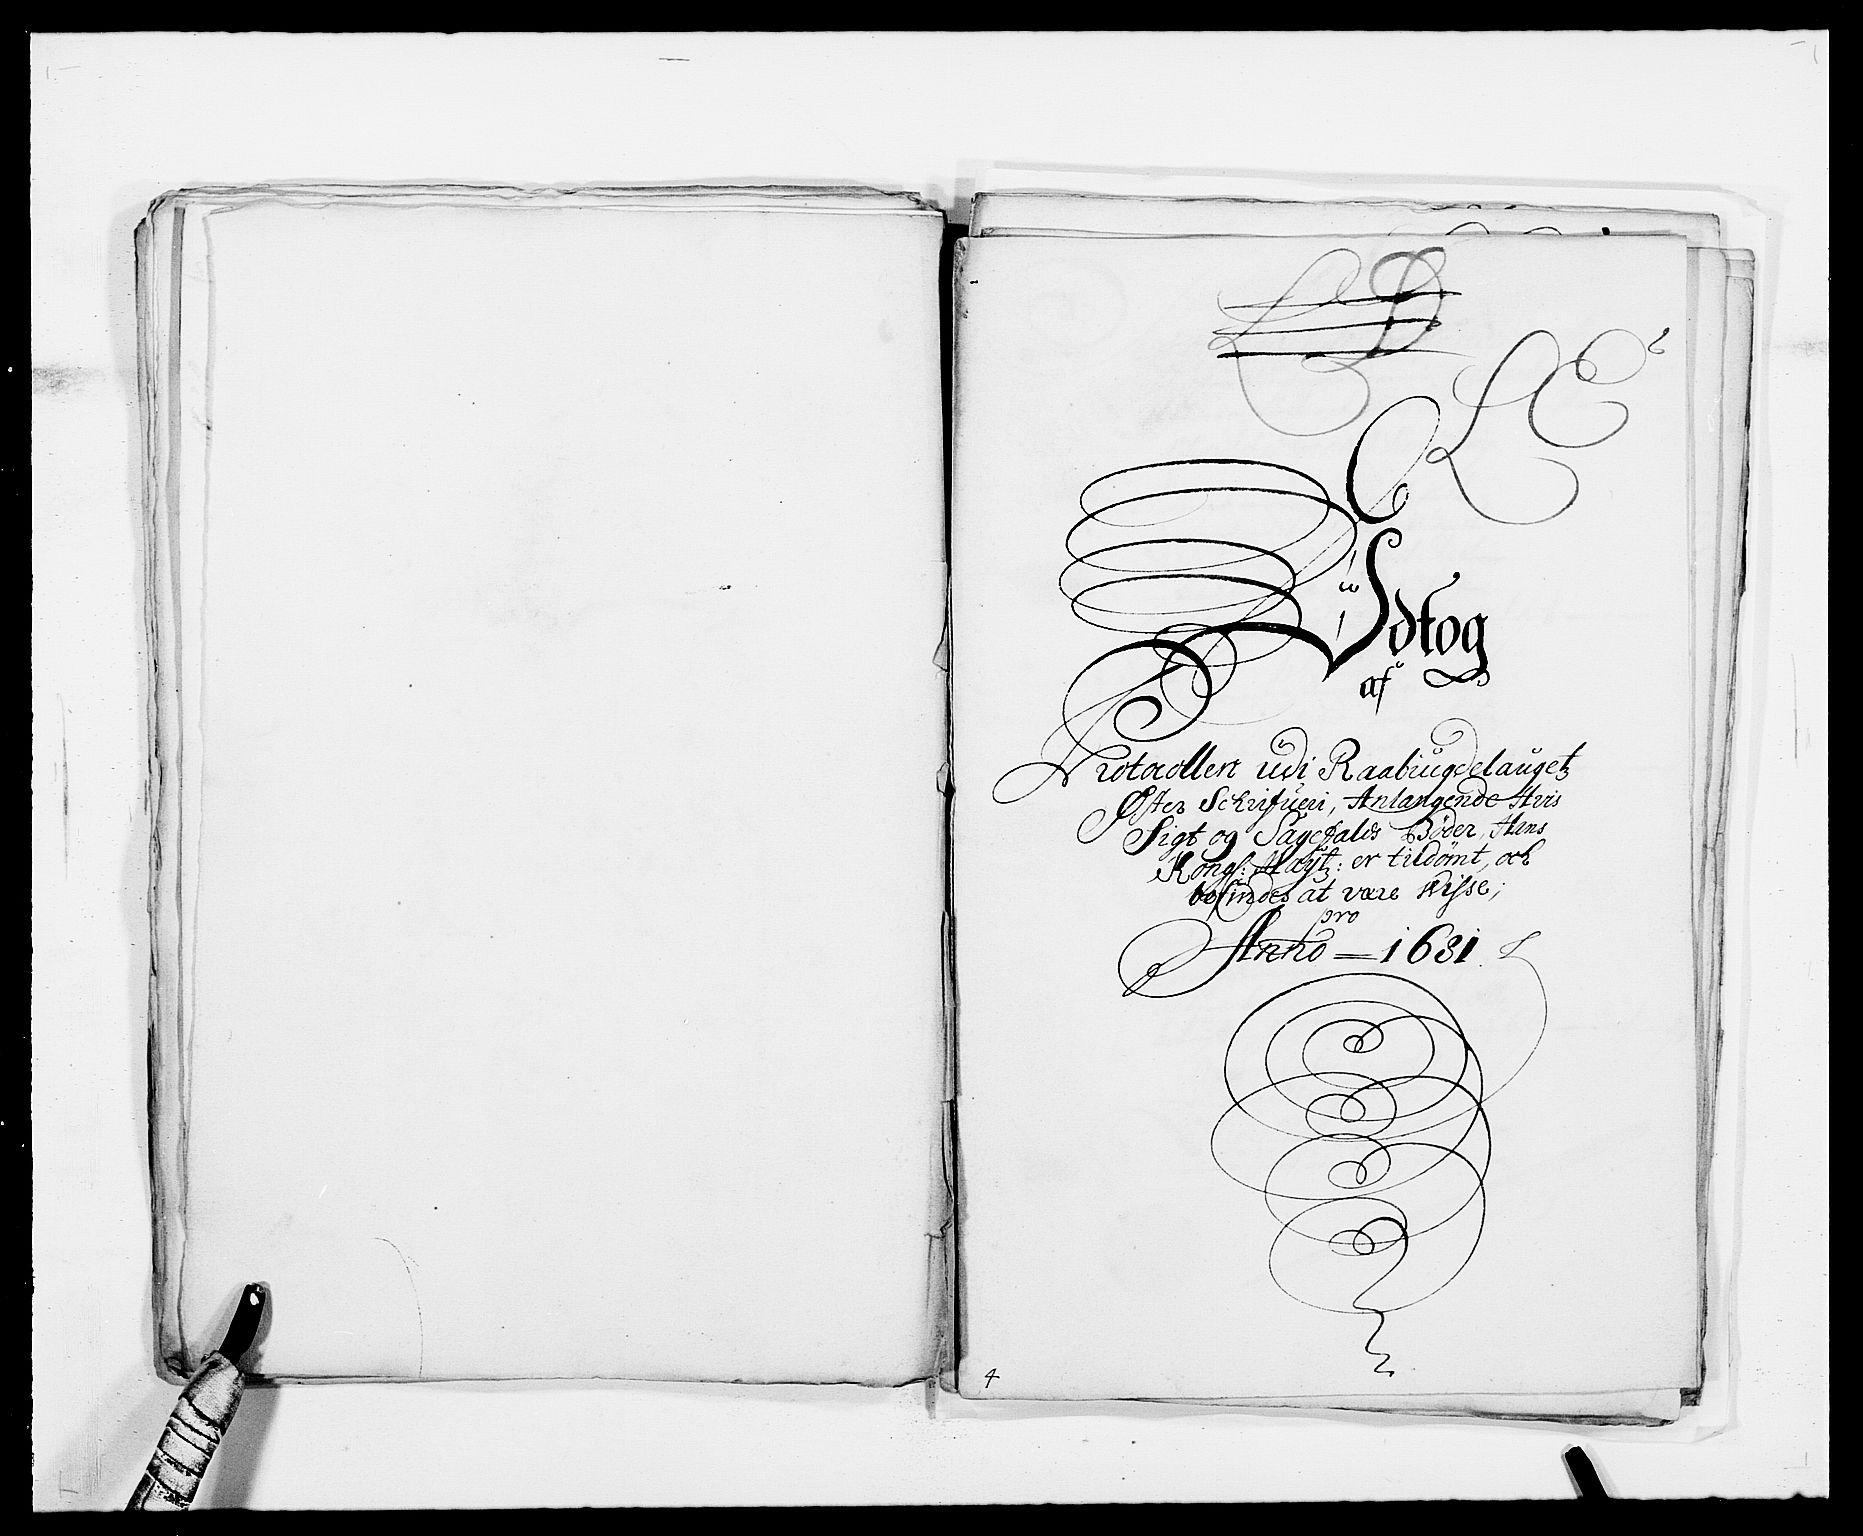 RA, Rentekammeret inntil 1814, Reviderte regnskaper, Fogderegnskap, R40/L2437: Fogderegnskap Råbyggelag, 1681, s. 82